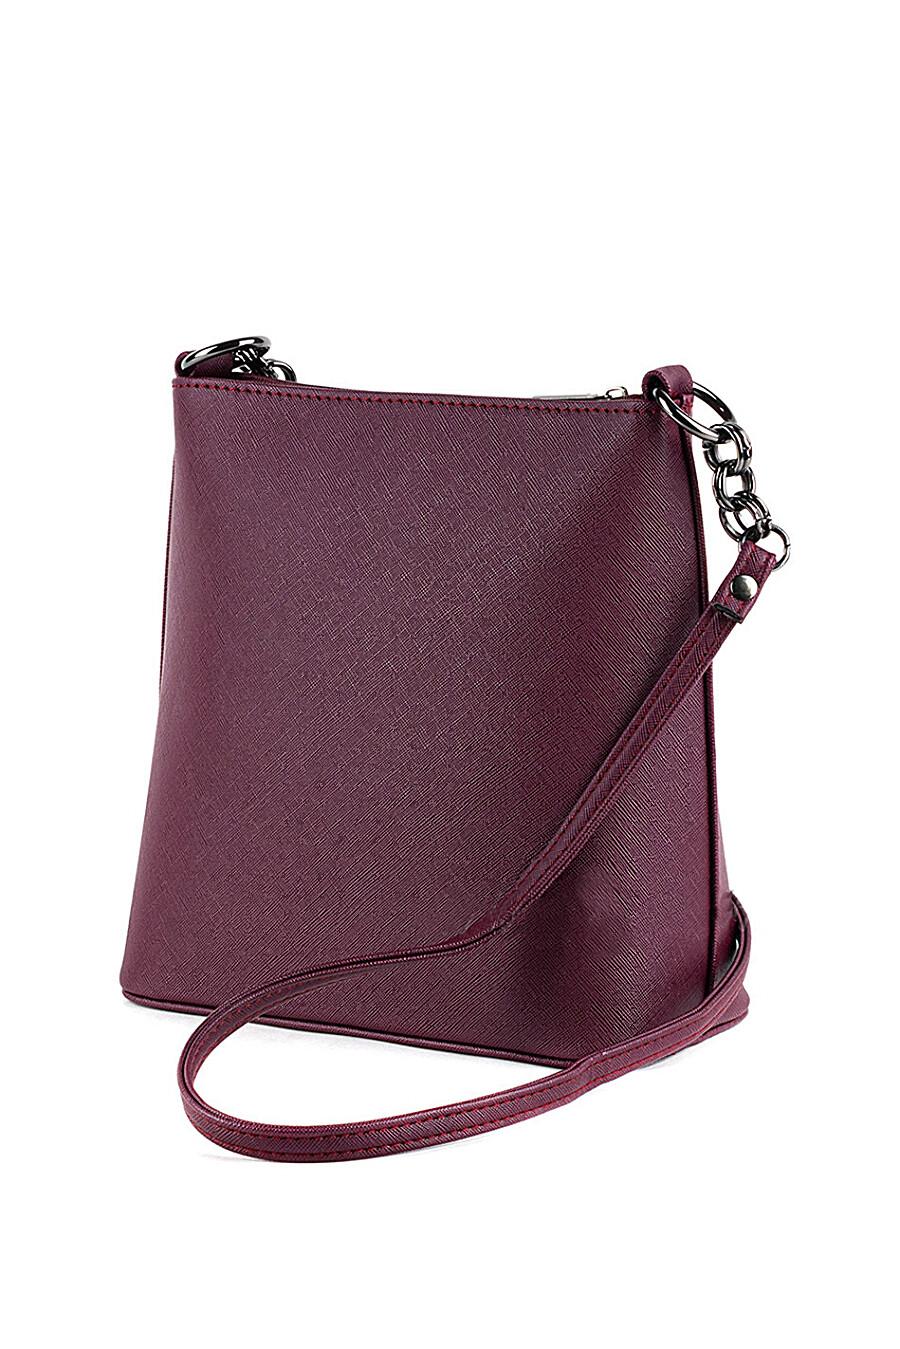 Сумка для женщин L-CRAFT 260459 купить оптом от производителя. Совместная покупка женской одежды в OptMoyo